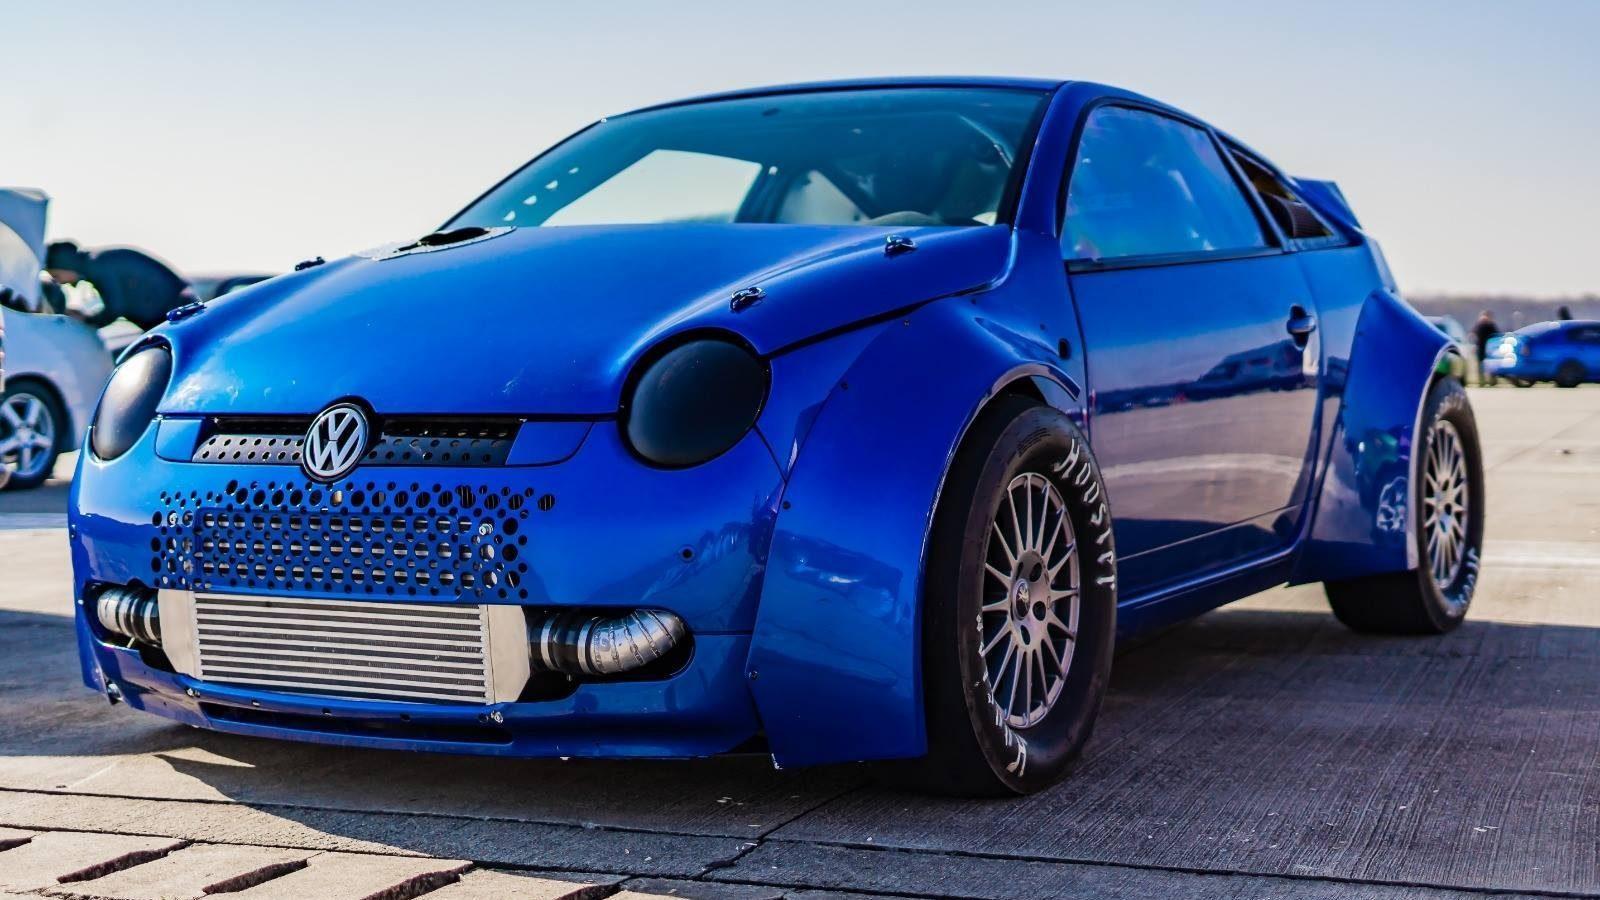 Deze 1243 pk sterke VW Lupo gaat van 0 tot 100 km/h in 2,2 seconden